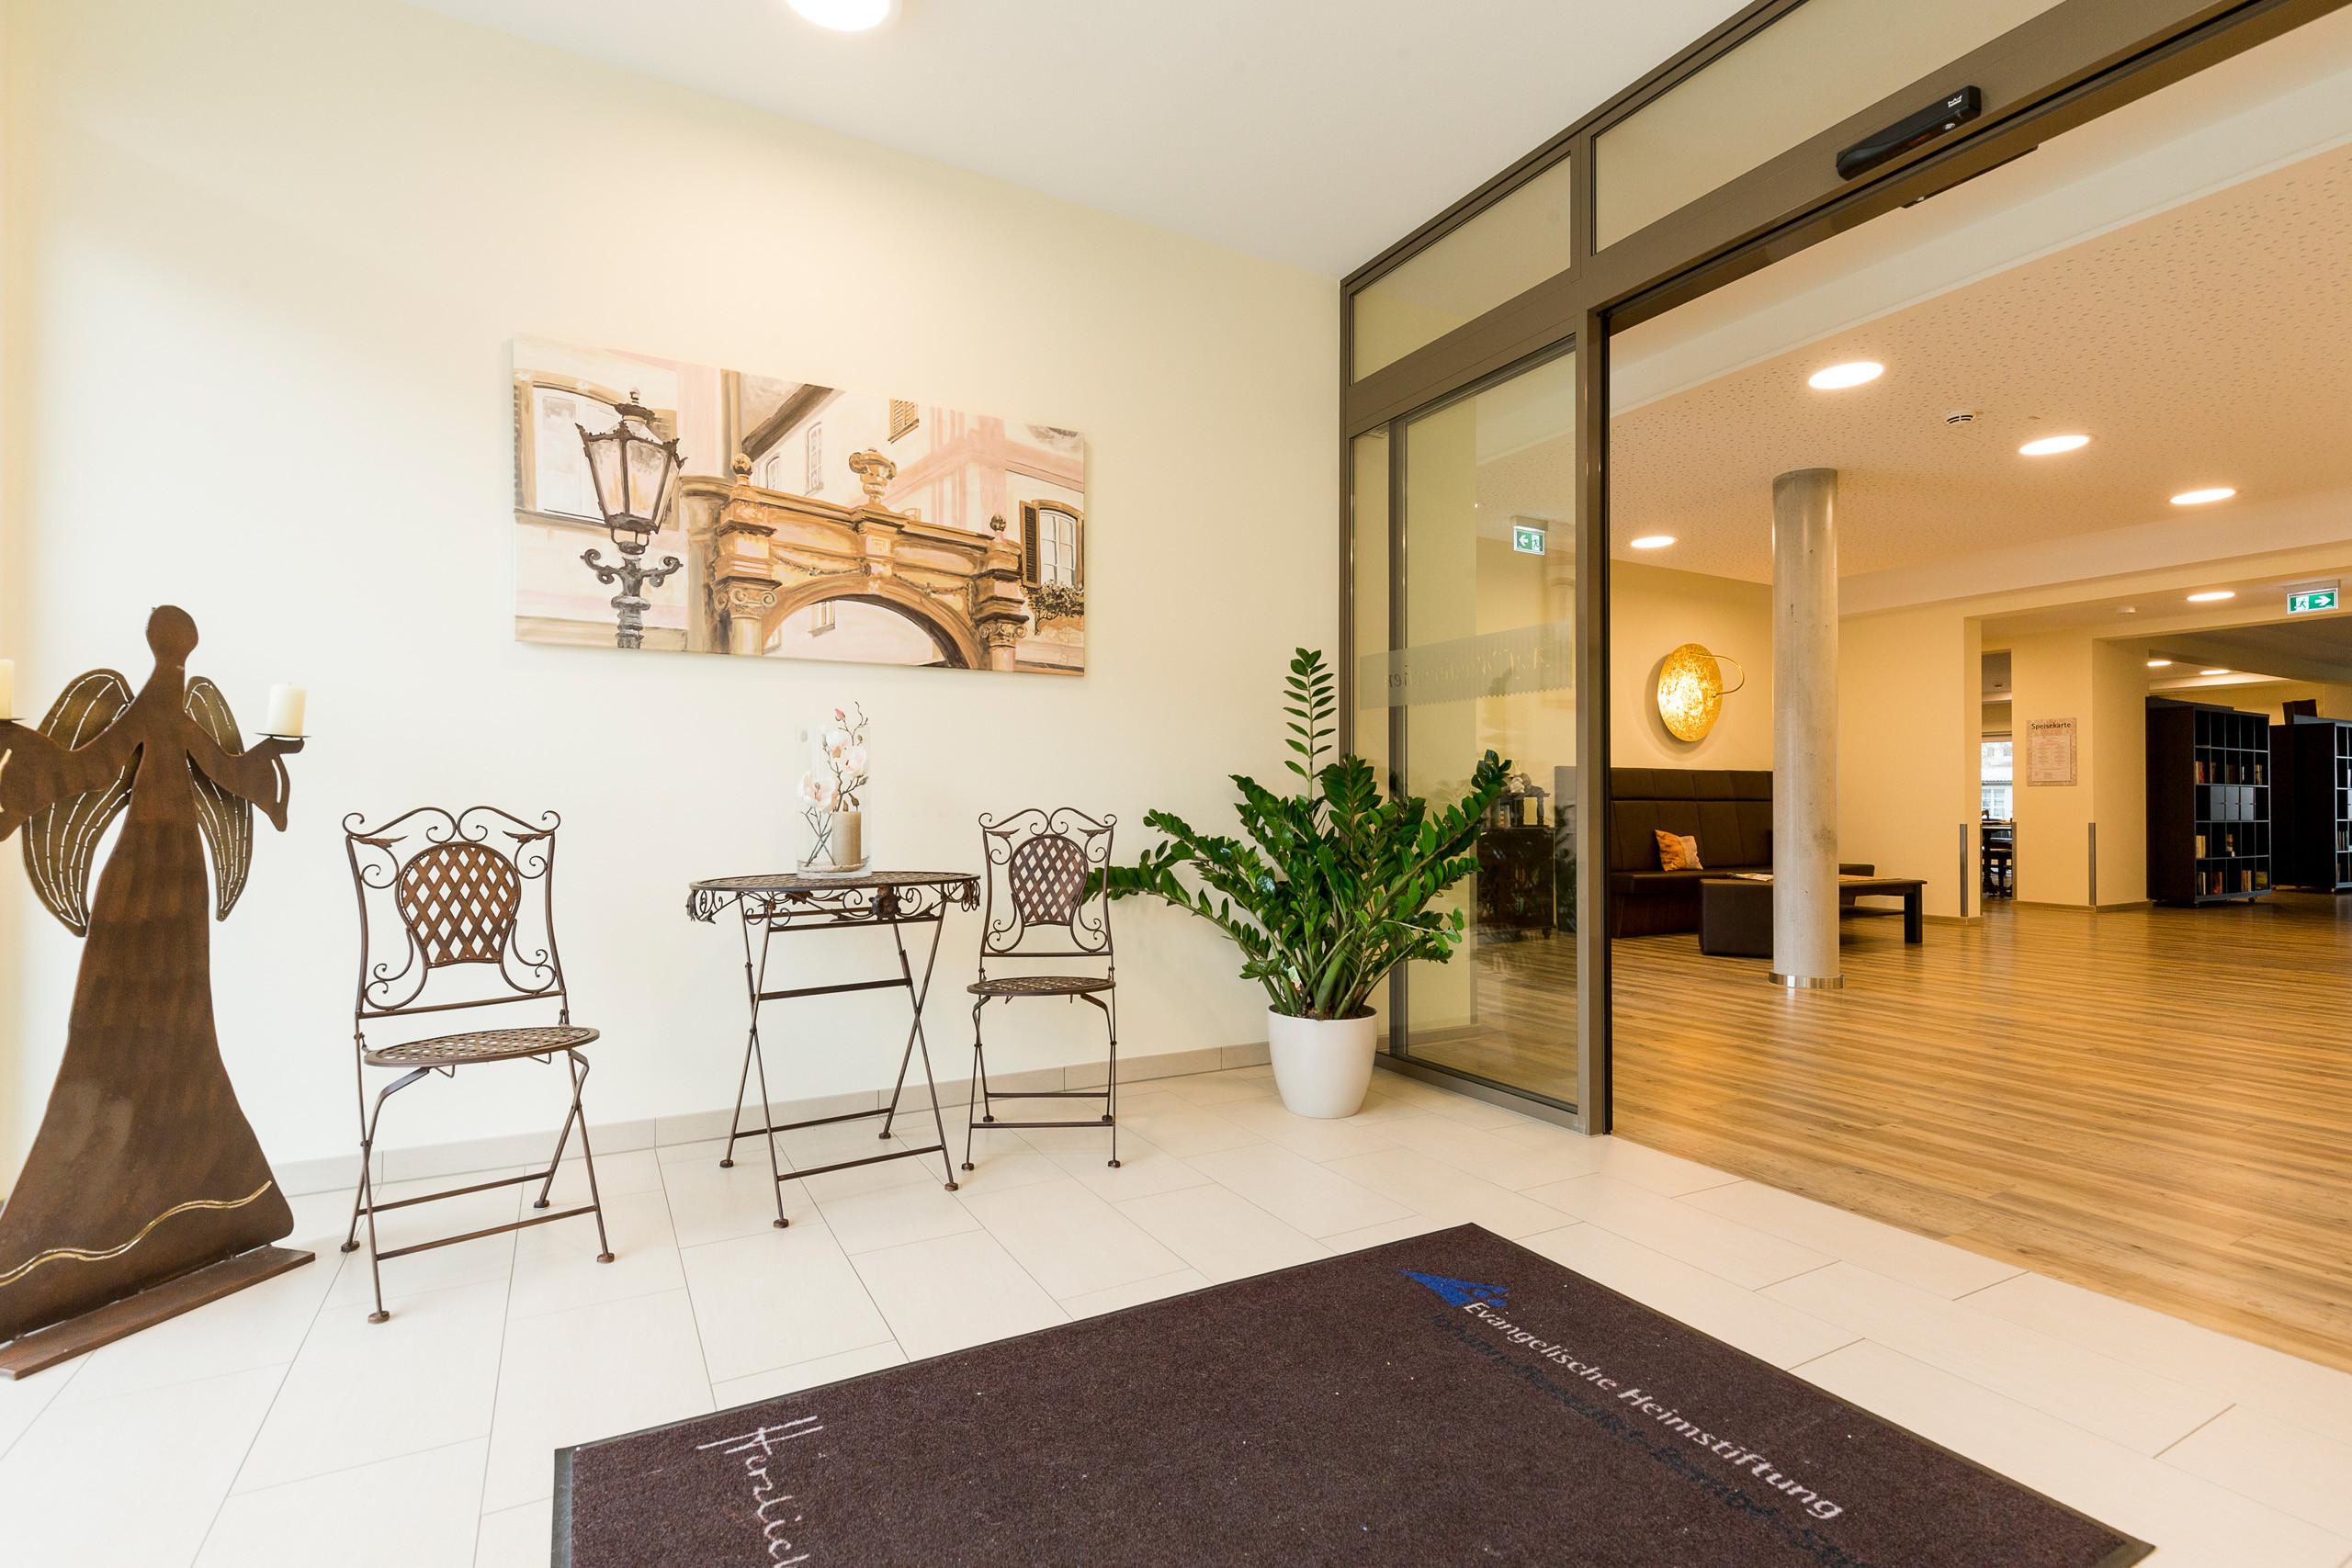 johann benedikt bemb stift evangelische heimstiftung in bad mergentheim auf wohnen im. Black Bedroom Furniture Sets. Home Design Ideas